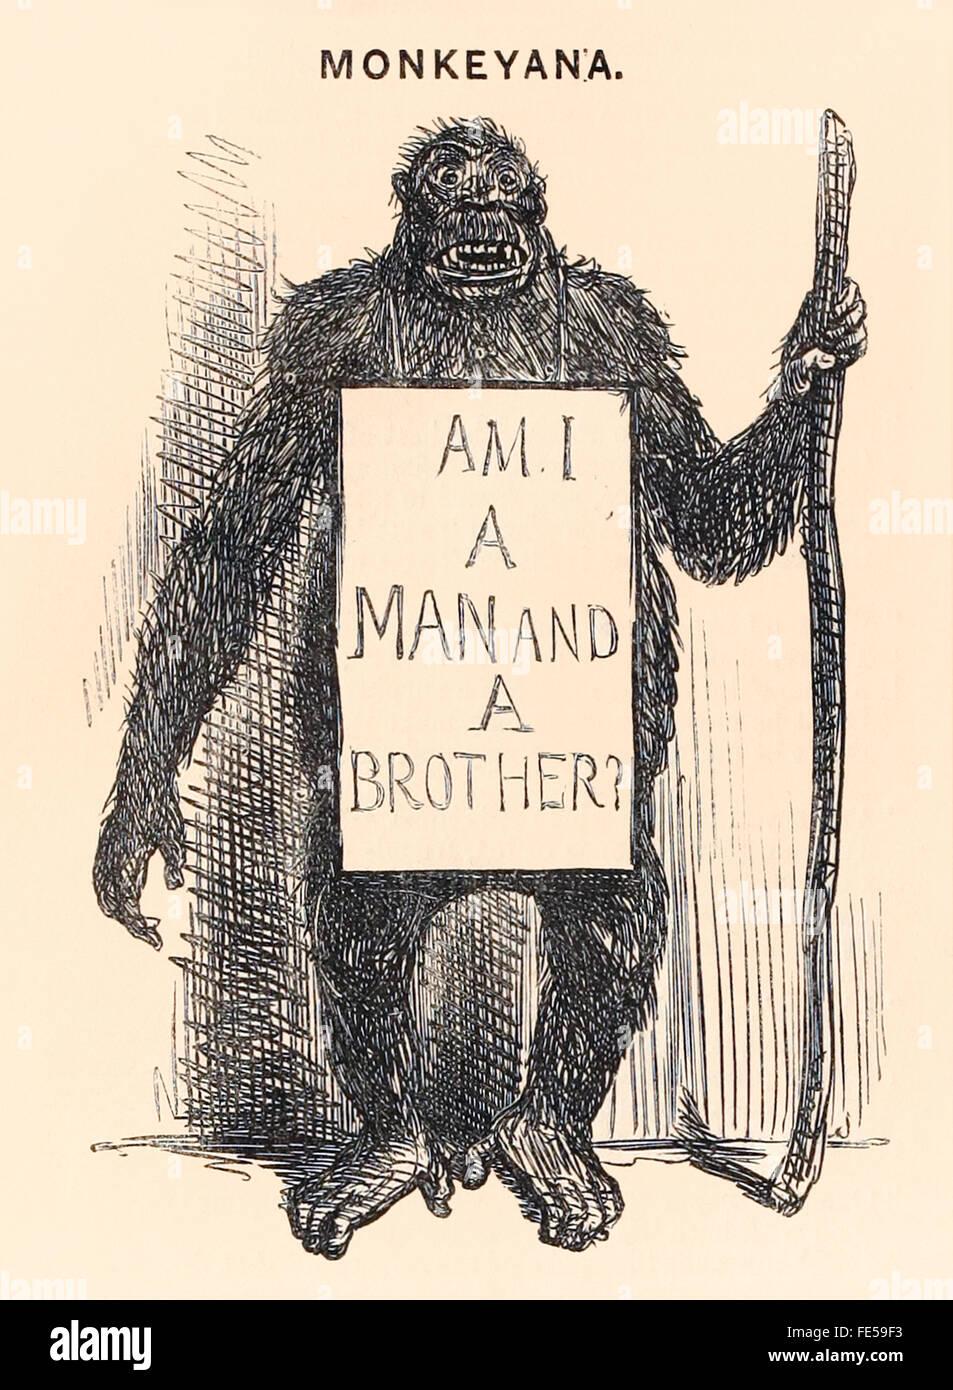 """"""" Io sono un uomo e un fratello?"""" a mendicare ape targhetta della legge in questo cartone animato """"onkeyana"""" Immagini Stock"""